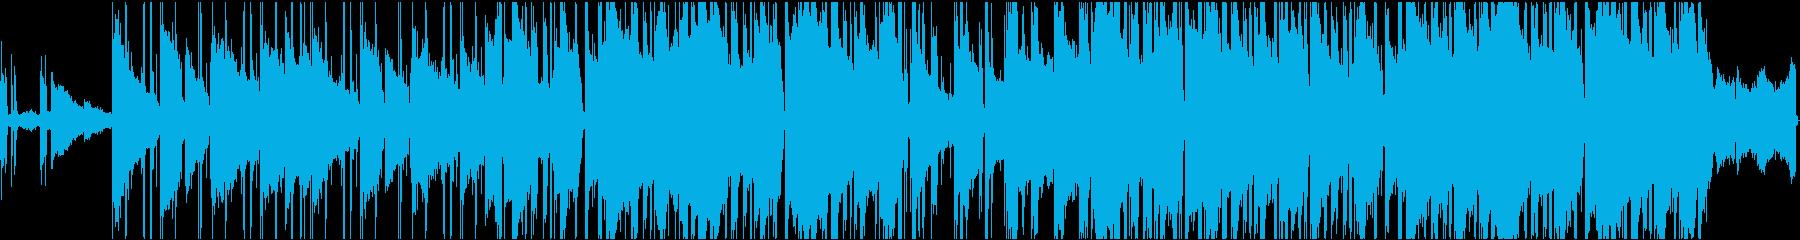 南国の楽園をイメージしたLo-FiBGMの再生済みの波形